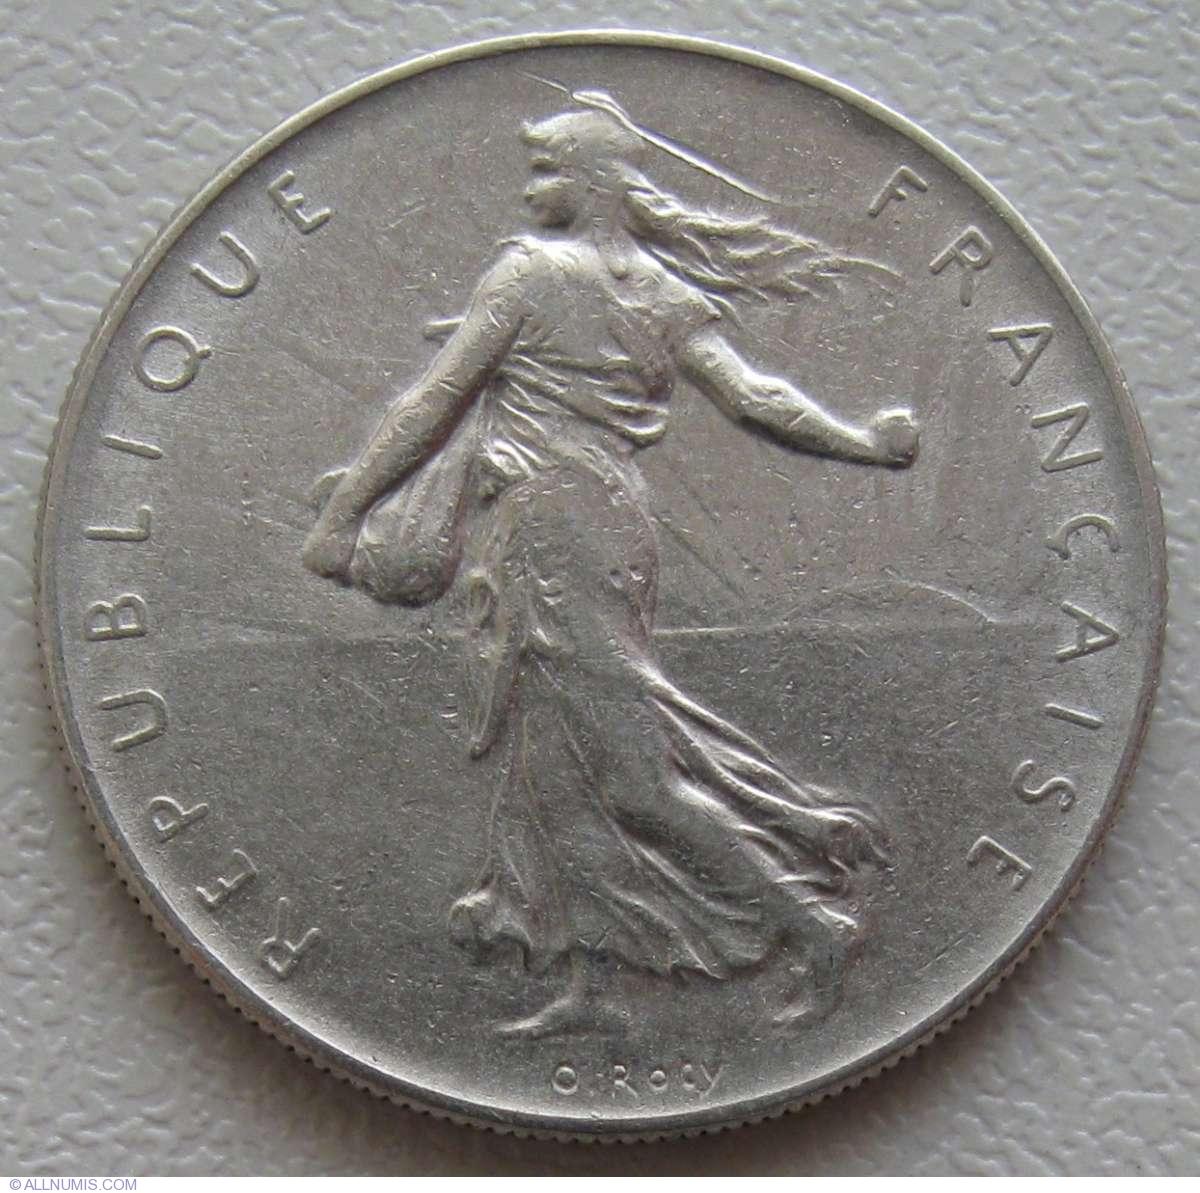 1 Franc 1960, Fifth Republic (1958-1970)